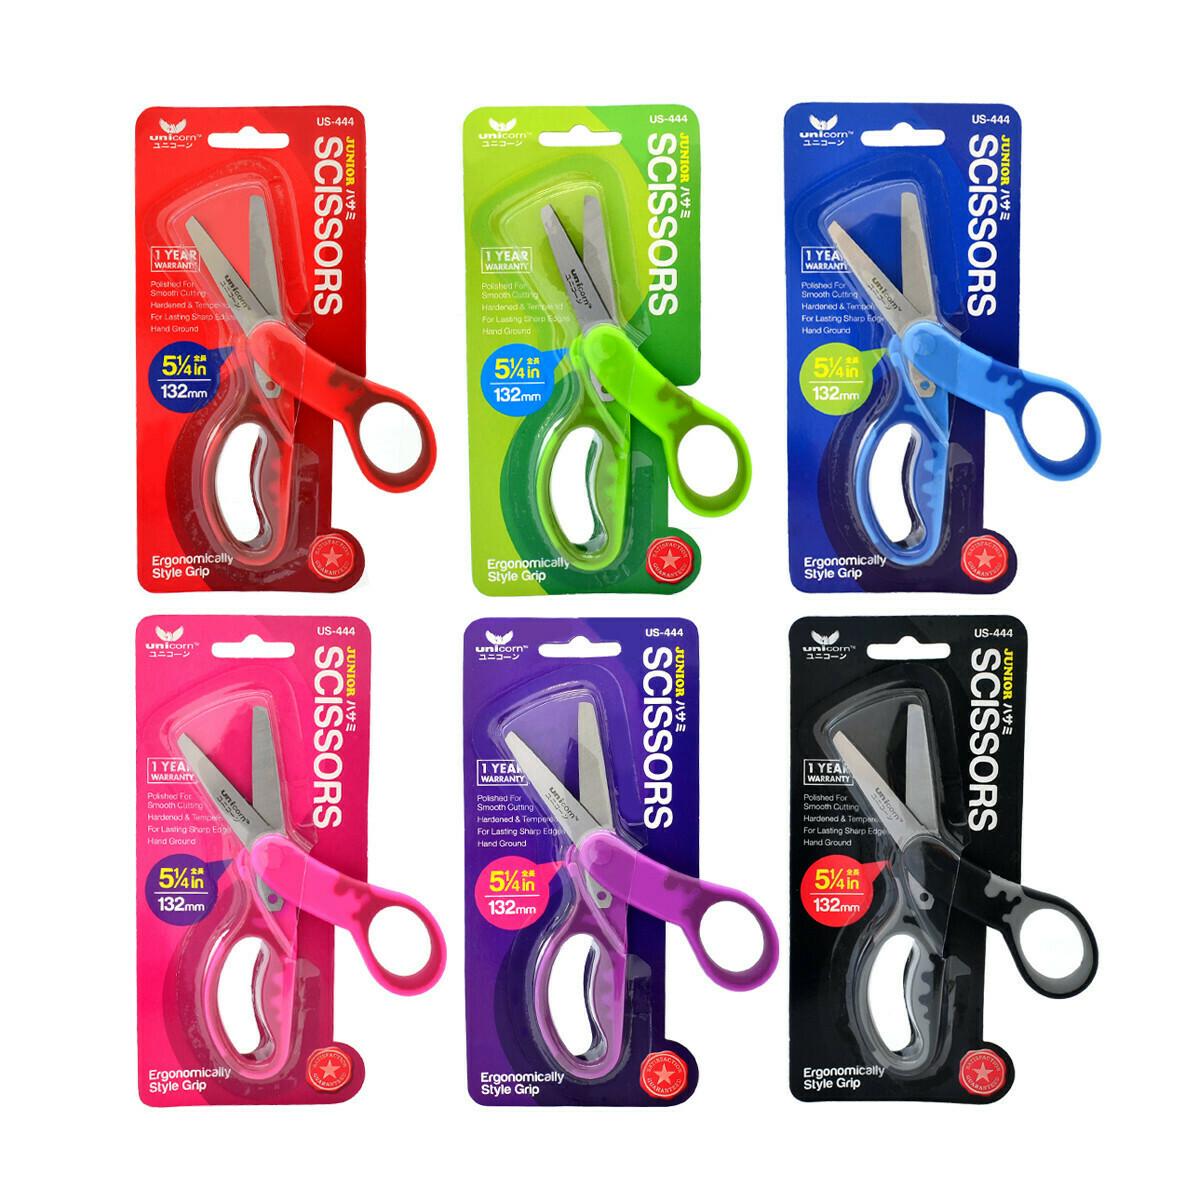 Unicorn Scissors per unit